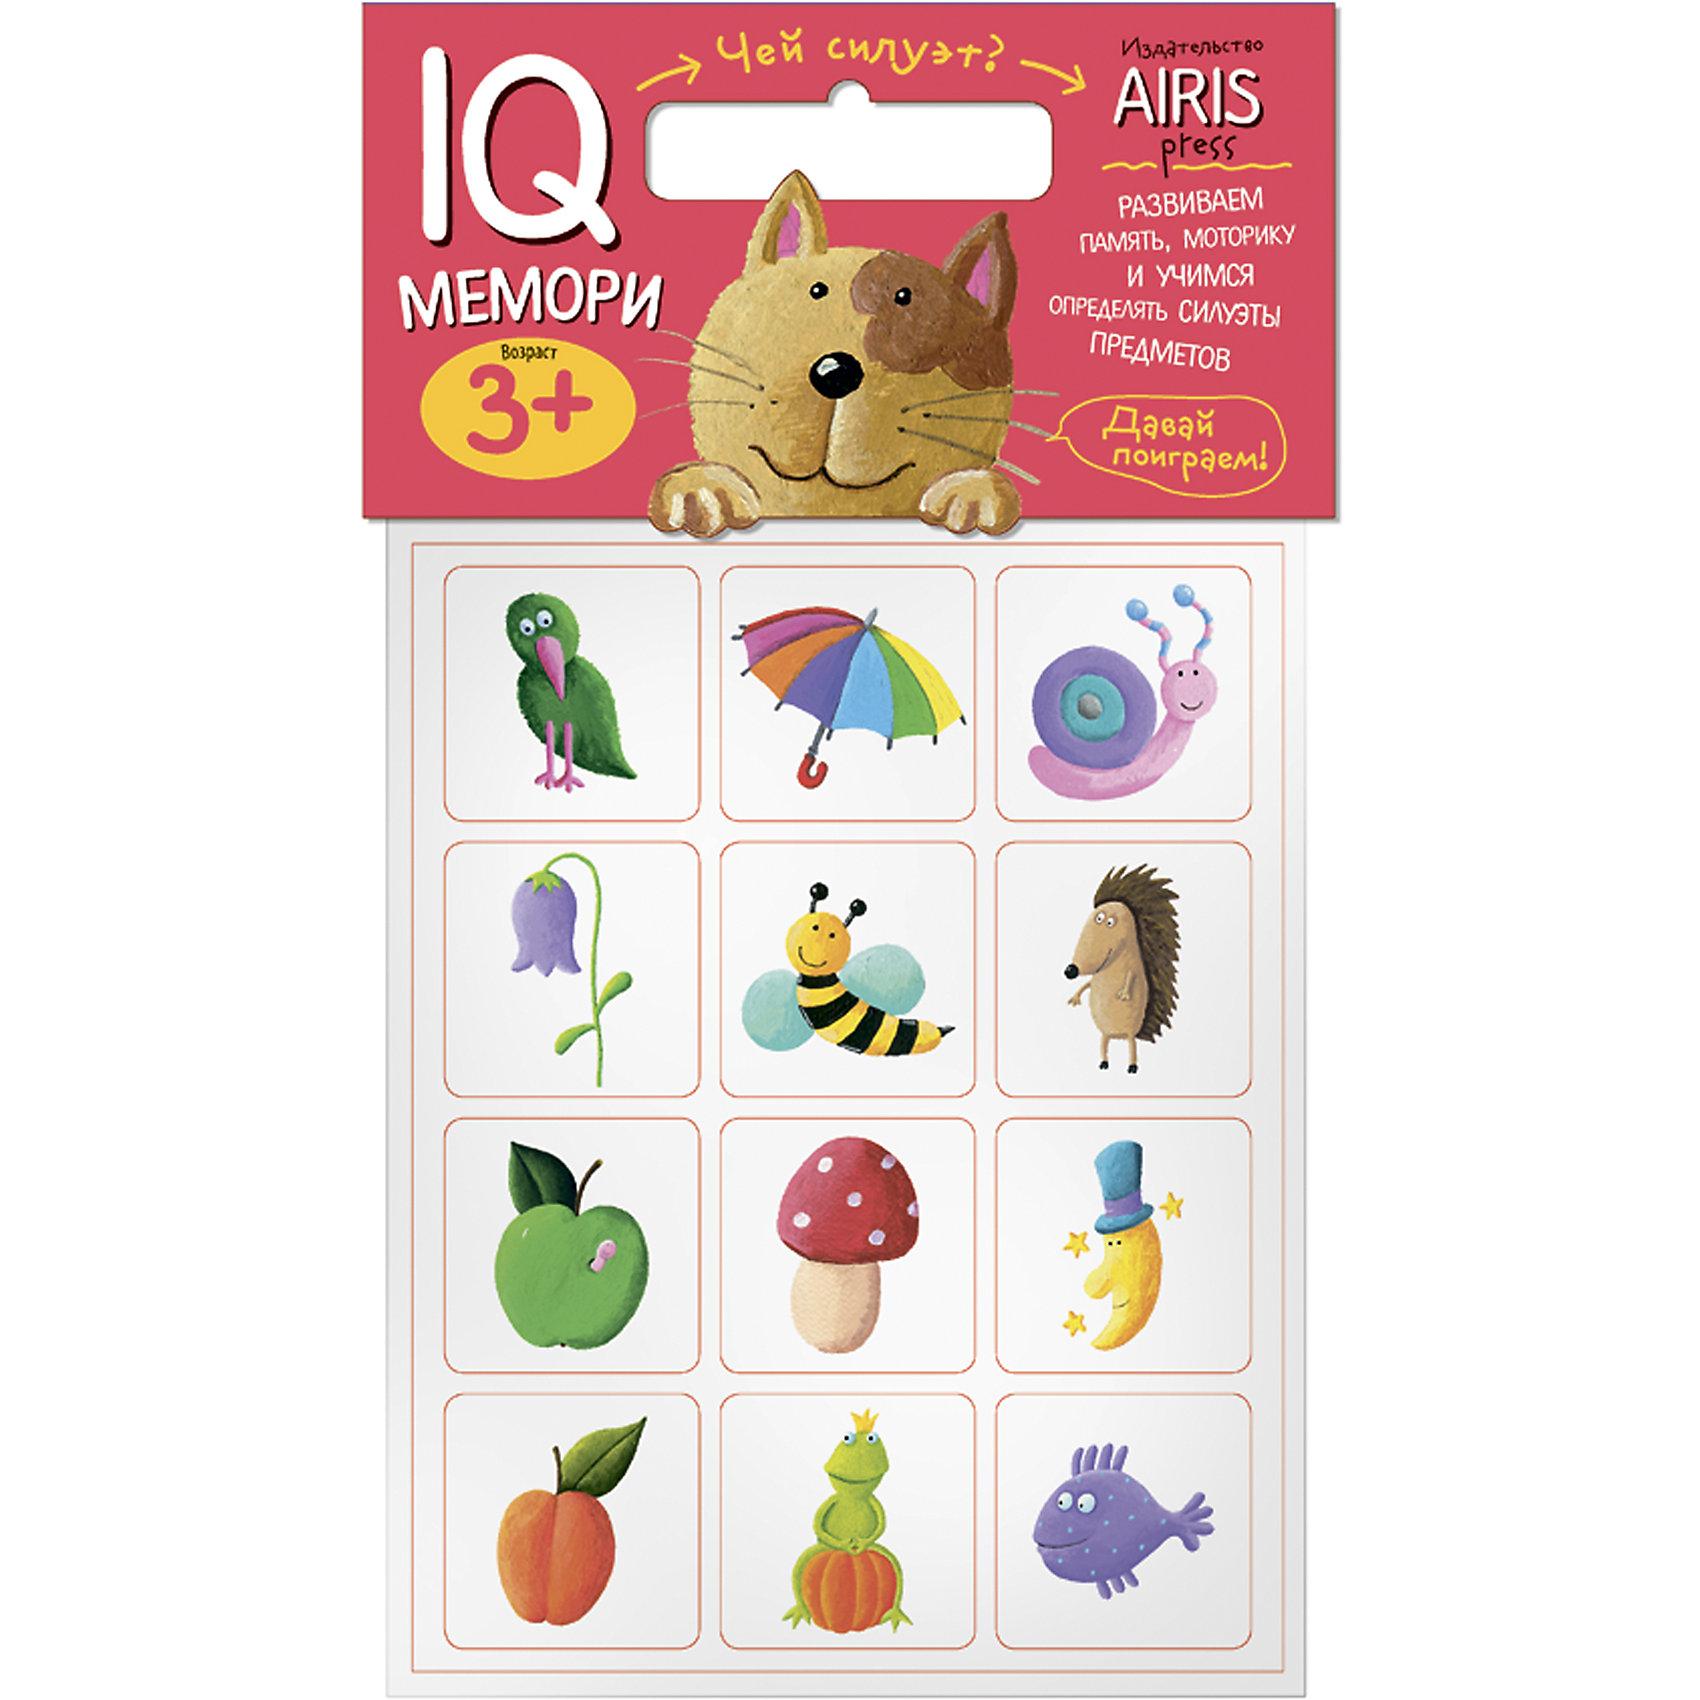 Мемори Чей силуэт?Игры мемо<br>IQ-Мемори «Чей силуэт?» – это увлекательная настольная игра для развития способности ребёнка узнавать силуэты предметов, тренировки его памяти и моторики. Набор состоит из 24 объёмных карточек с цветными рисунками. Карточки изготовлены из мягкого, прочного и безопасного материала EVA. Они удобно ложатся в детскую ручку и отлично подходят для познавательных игр.&#13;<br>Цель игры  — собрать как можно больше парных карточек по принципу предмет и его силуэт. В игре принимают участие несколько человек. Победителем становится тот, кто  собрал больше парных карточек.&#13;<br>На упаковке набора даётся описание, как играть с мягкими карточками.&#13;<br>Предназначен для детей от 3 лет.<br><br>Ширина мм: 20<br>Глубина мм: 175<br>Высота мм: 225<br>Вес г: 66<br>Возраст от месяцев: 36<br>Возраст до месяцев: 60<br>Пол: Унисекс<br>Возраст: Детский<br>SKU: 6849523